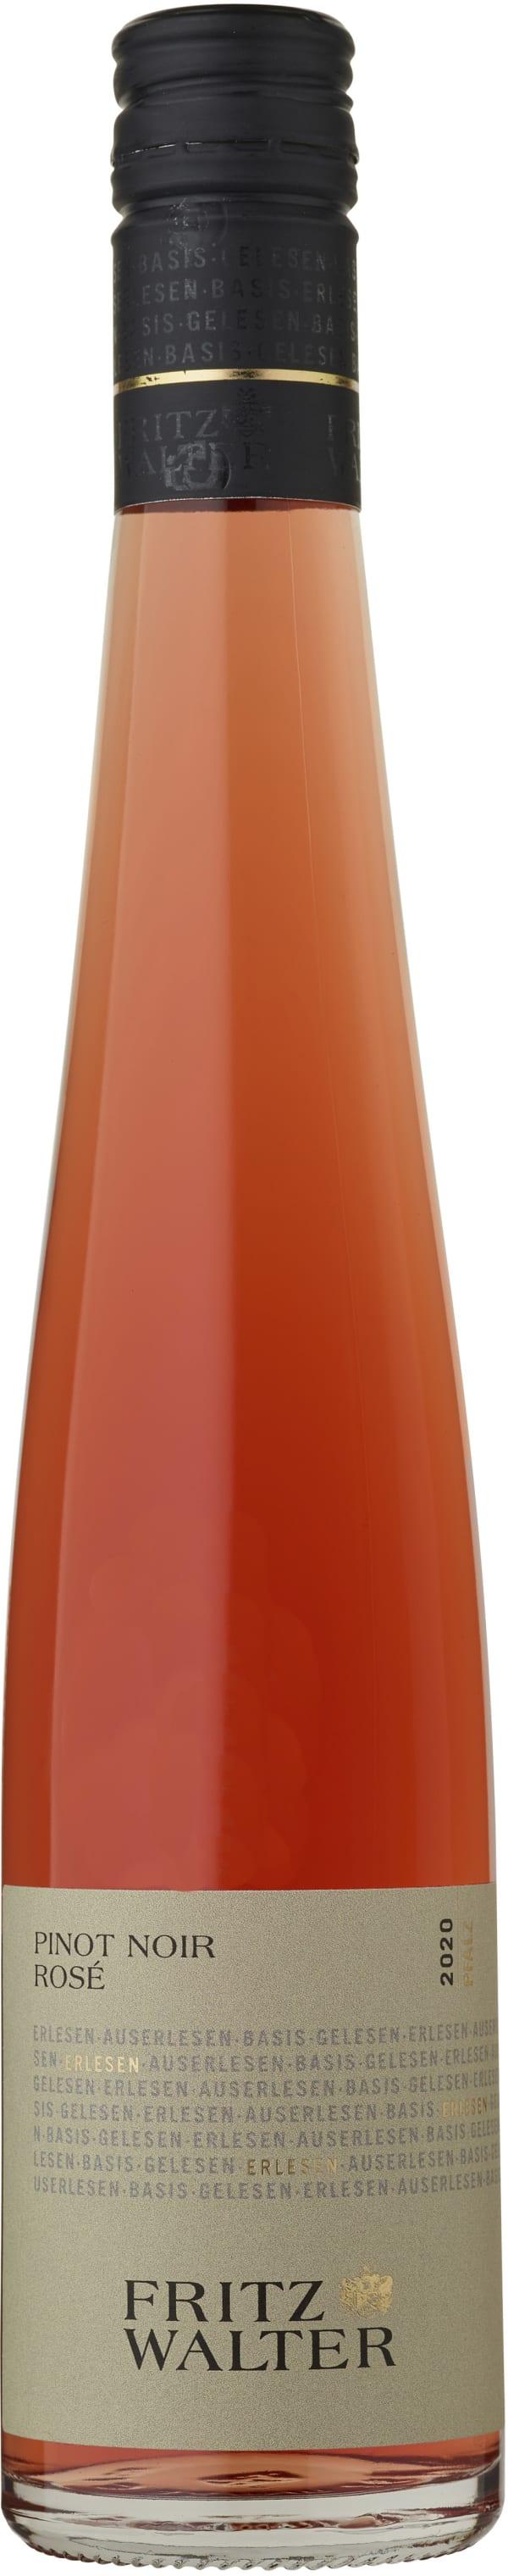 Fritz Walter Pinot Noir Rosé 2017